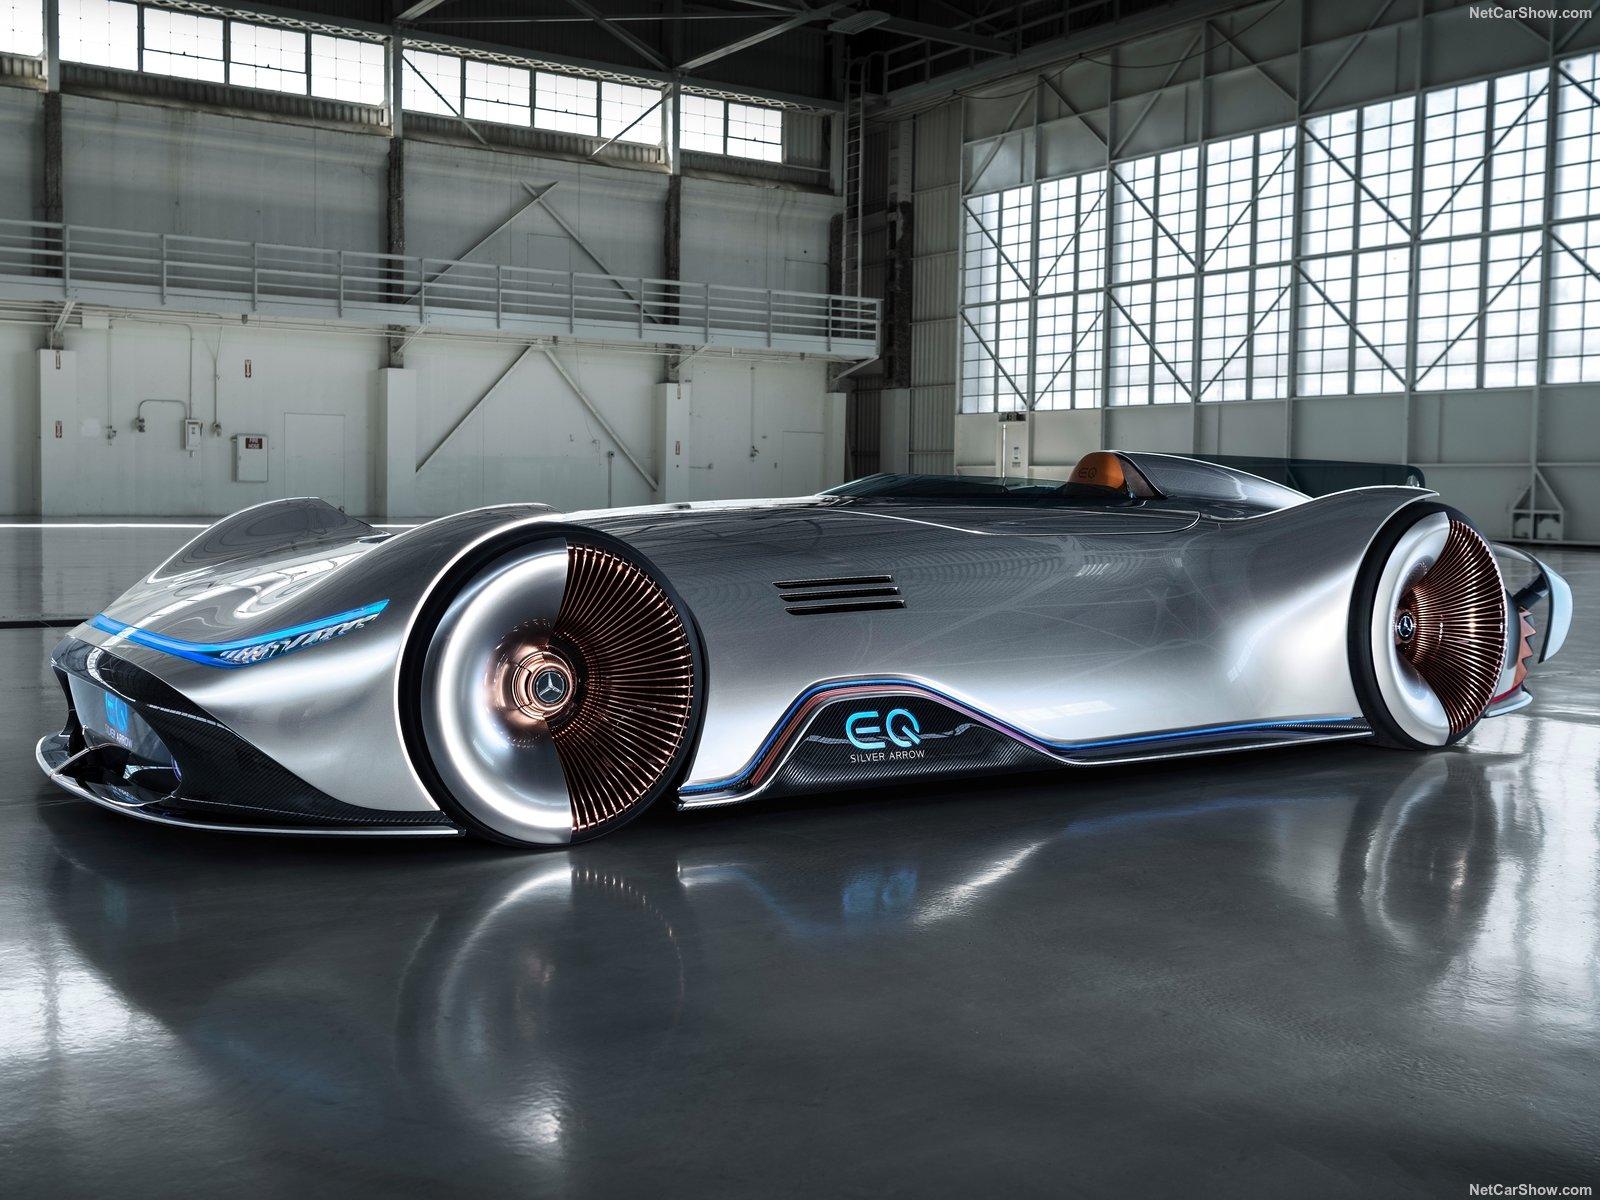 复古美学+先锋科技 Vision EQ银箭概念车亮相